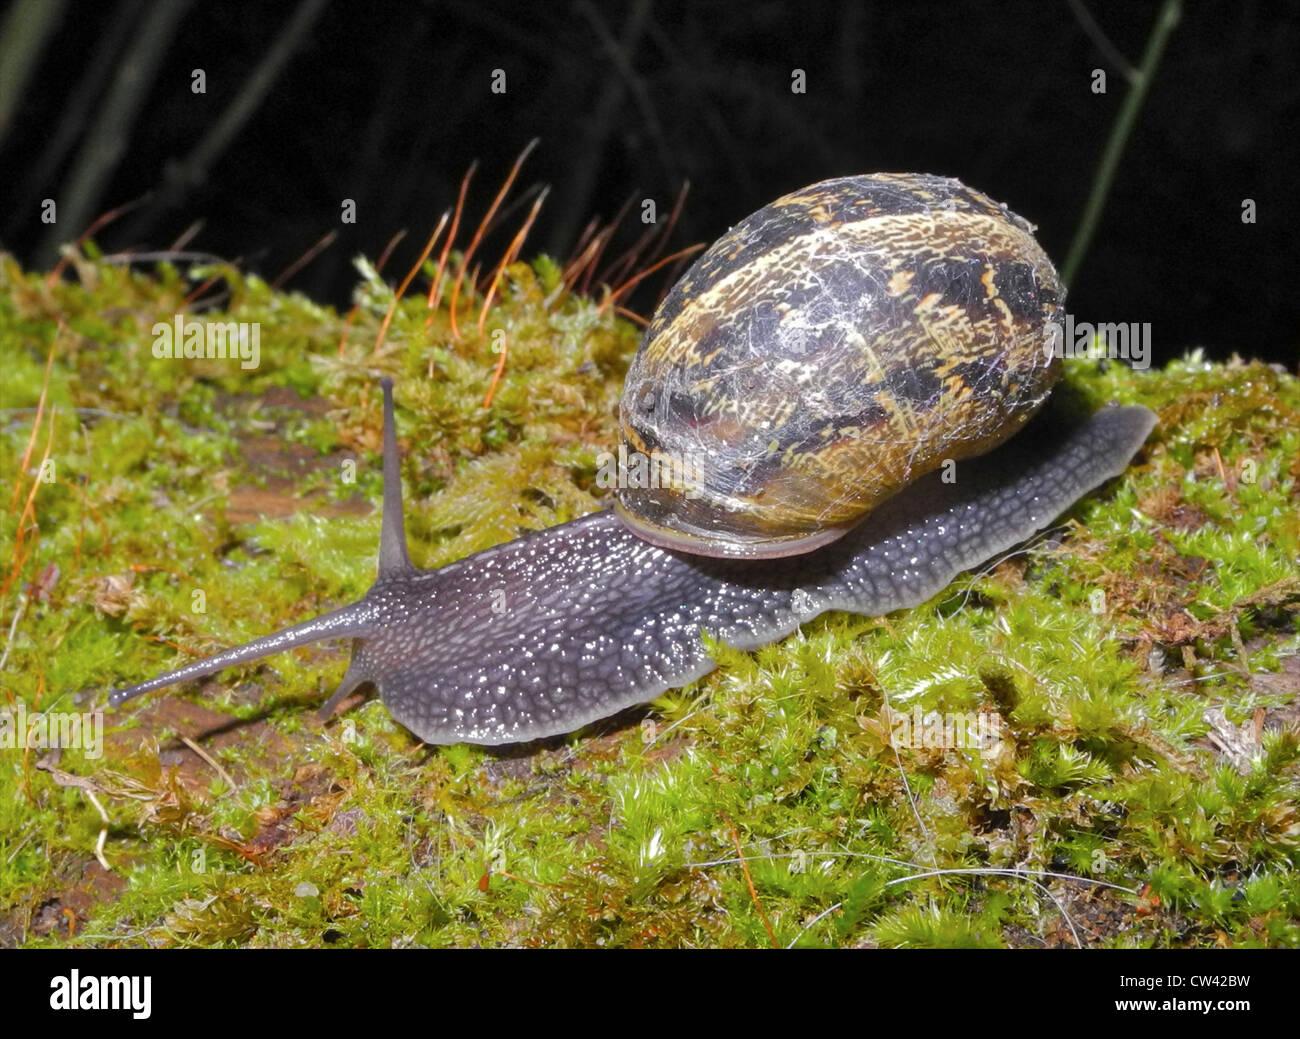 Schnecke Garten Schnecke (Helix Aspersa) Schnecken Plage Stockbild